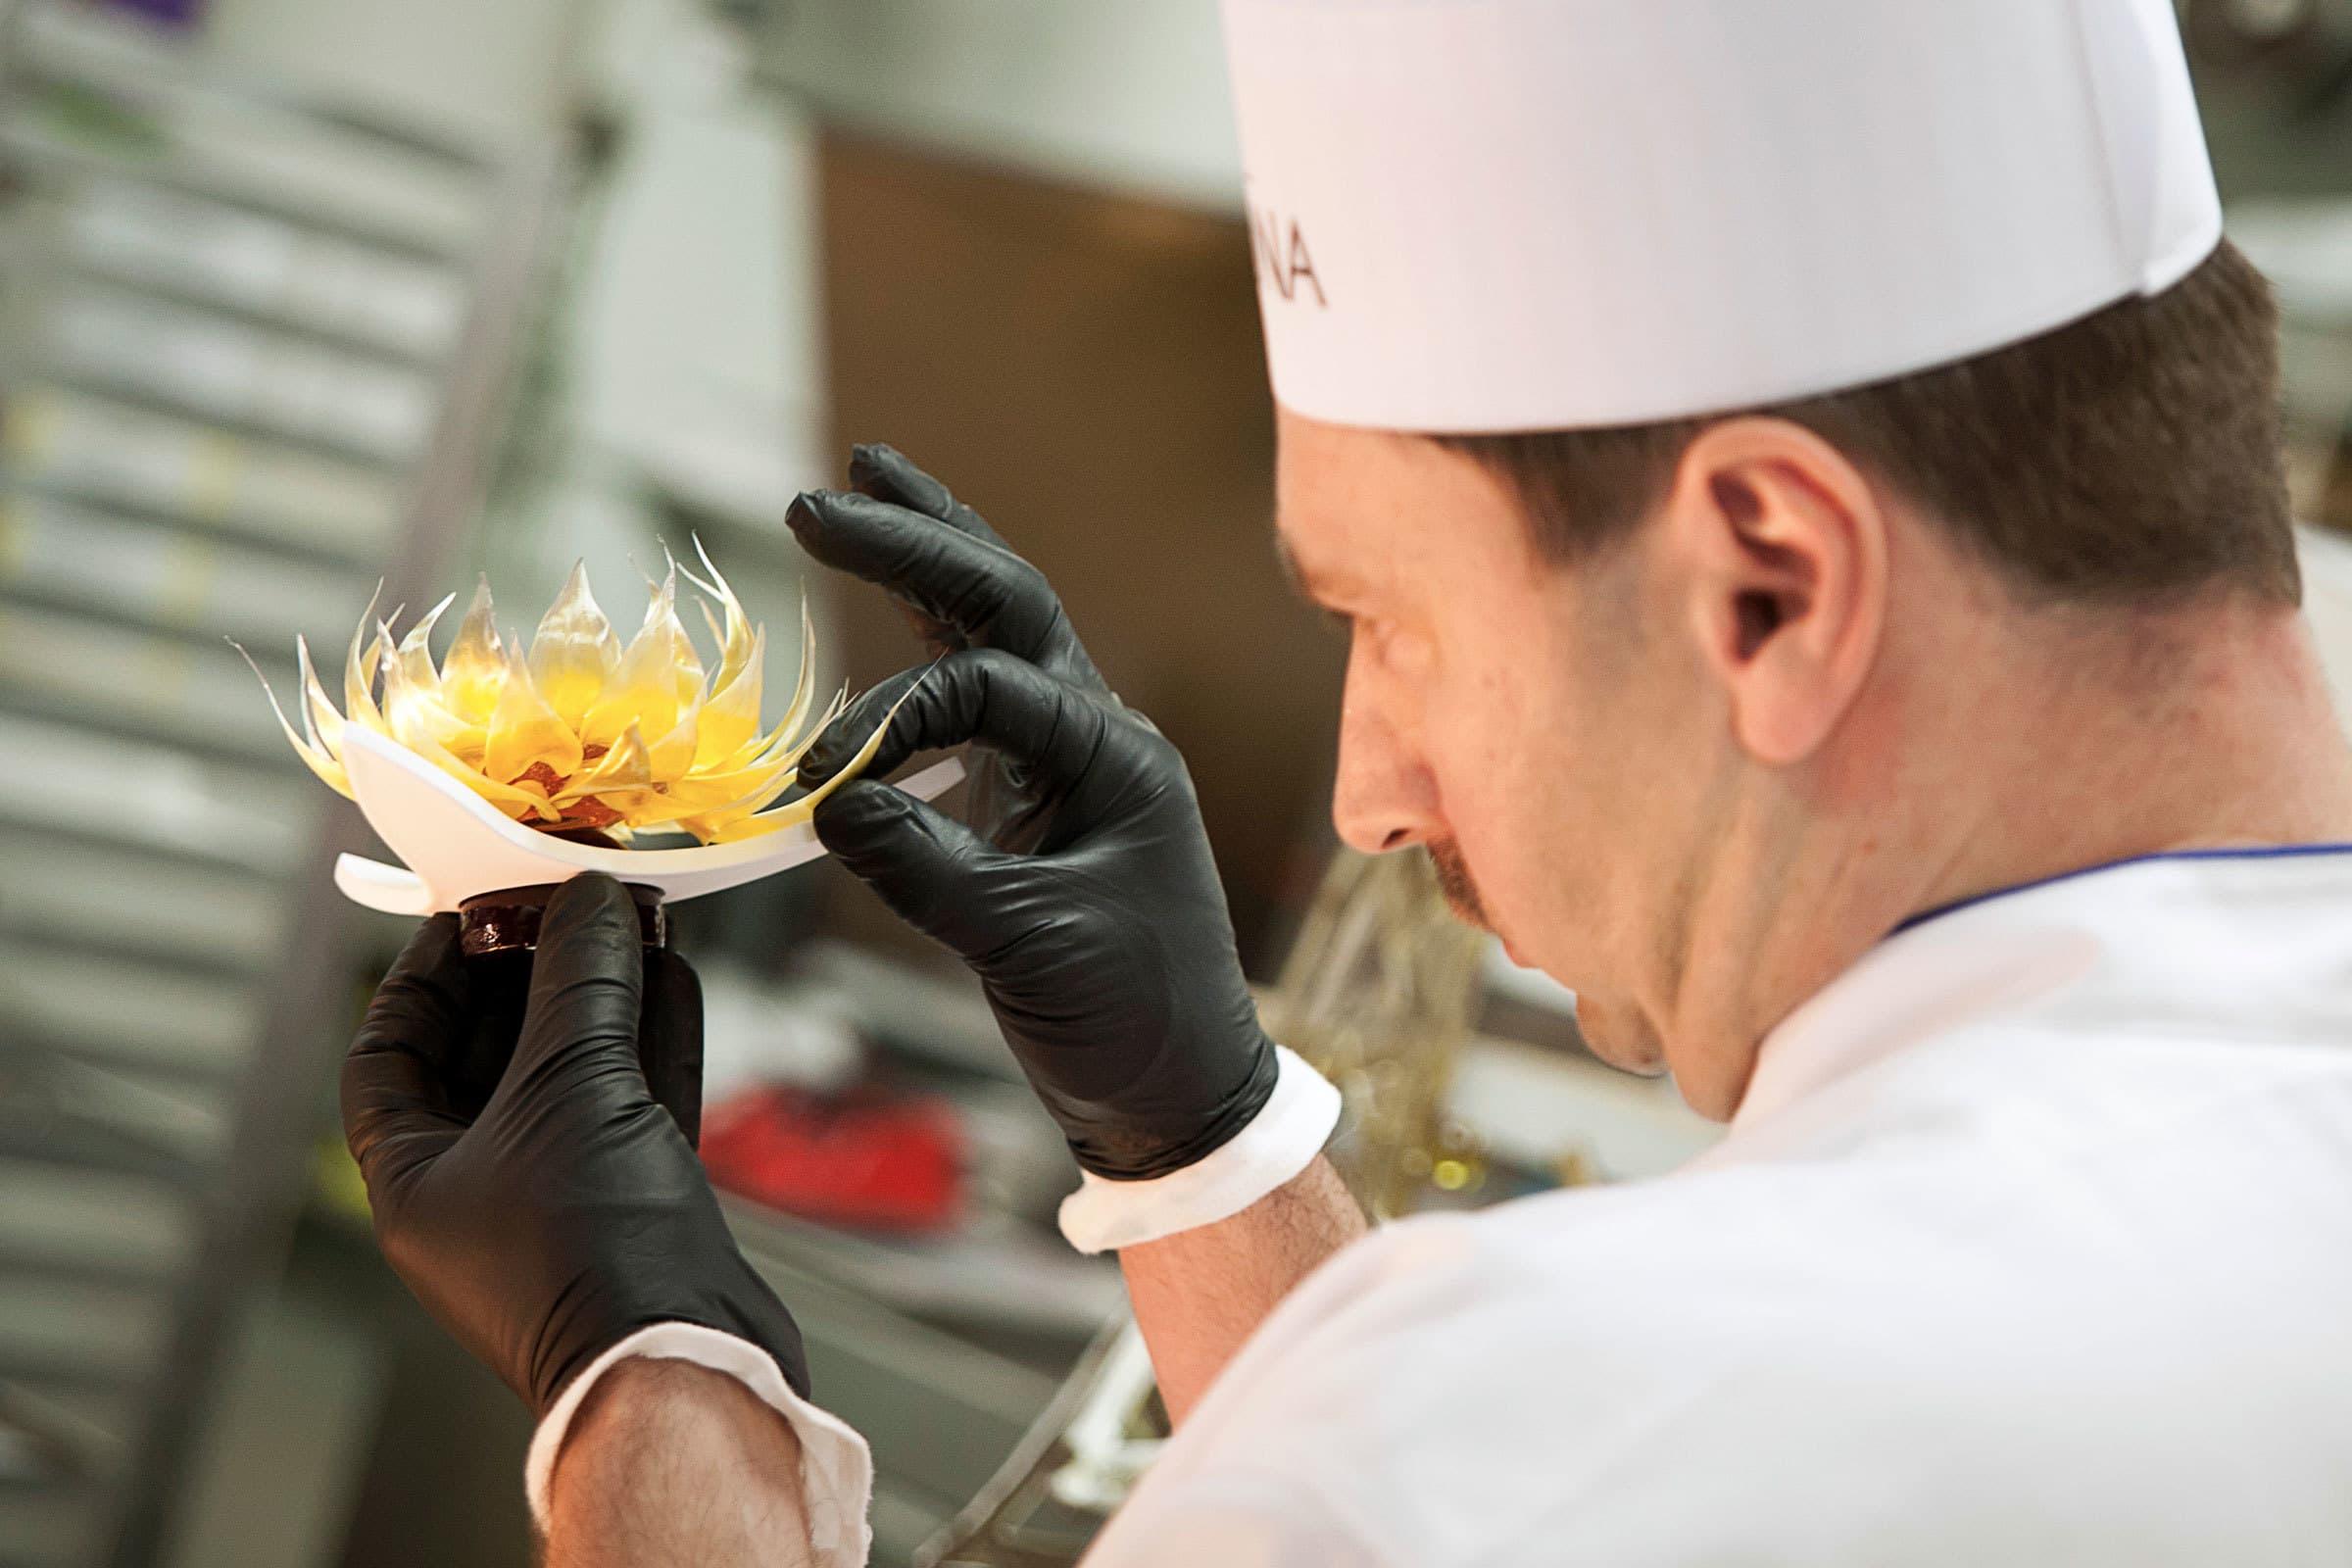 La Coupe du Monde de la Patisserie 2013. Held at the Secchia Institute for Culinary Education.